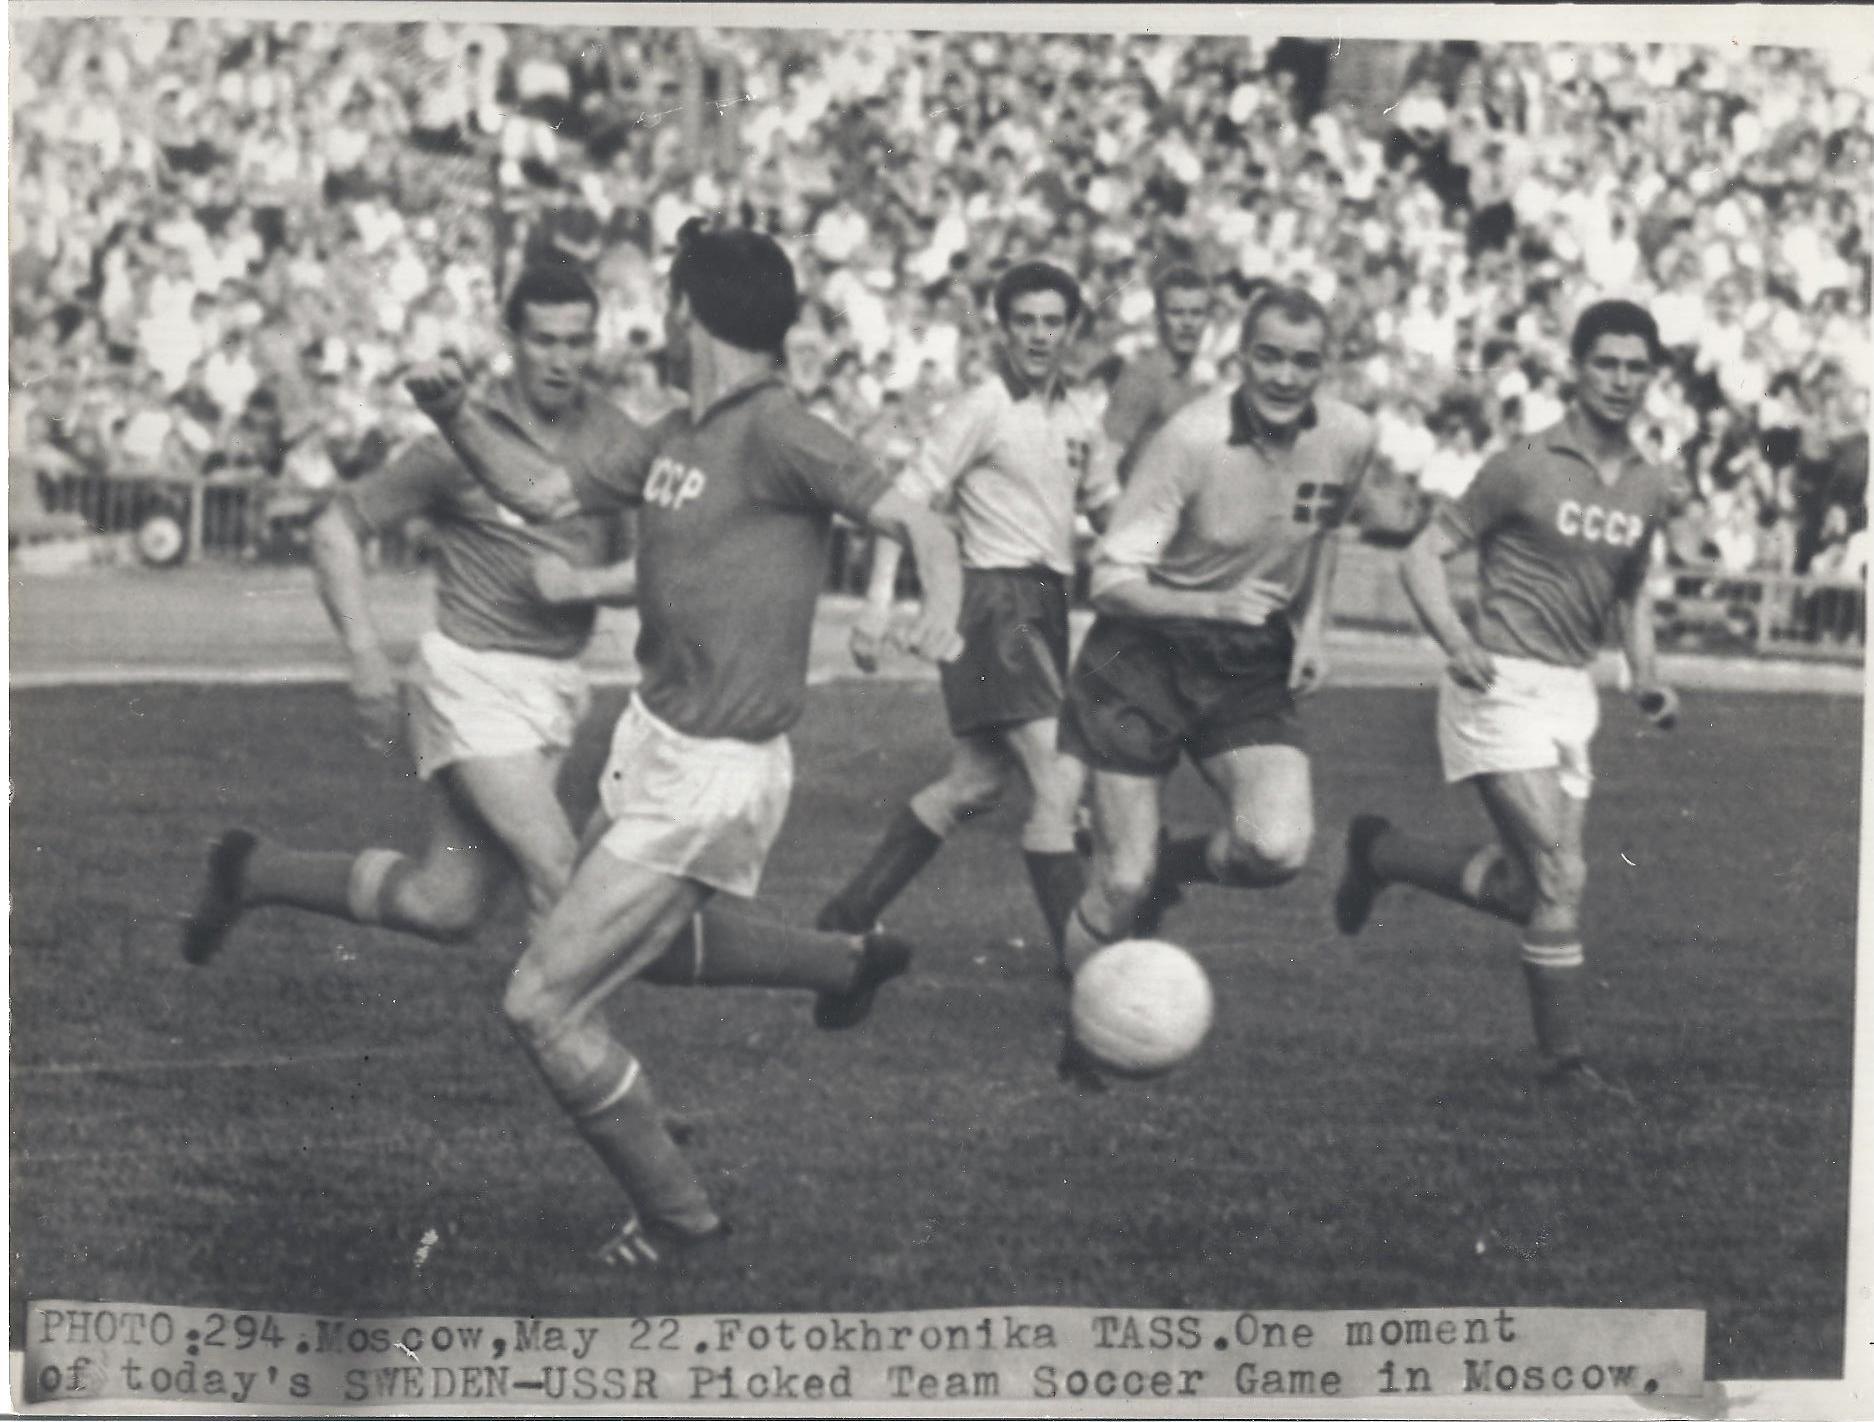 Sovjet-Sverige 0-1 1963